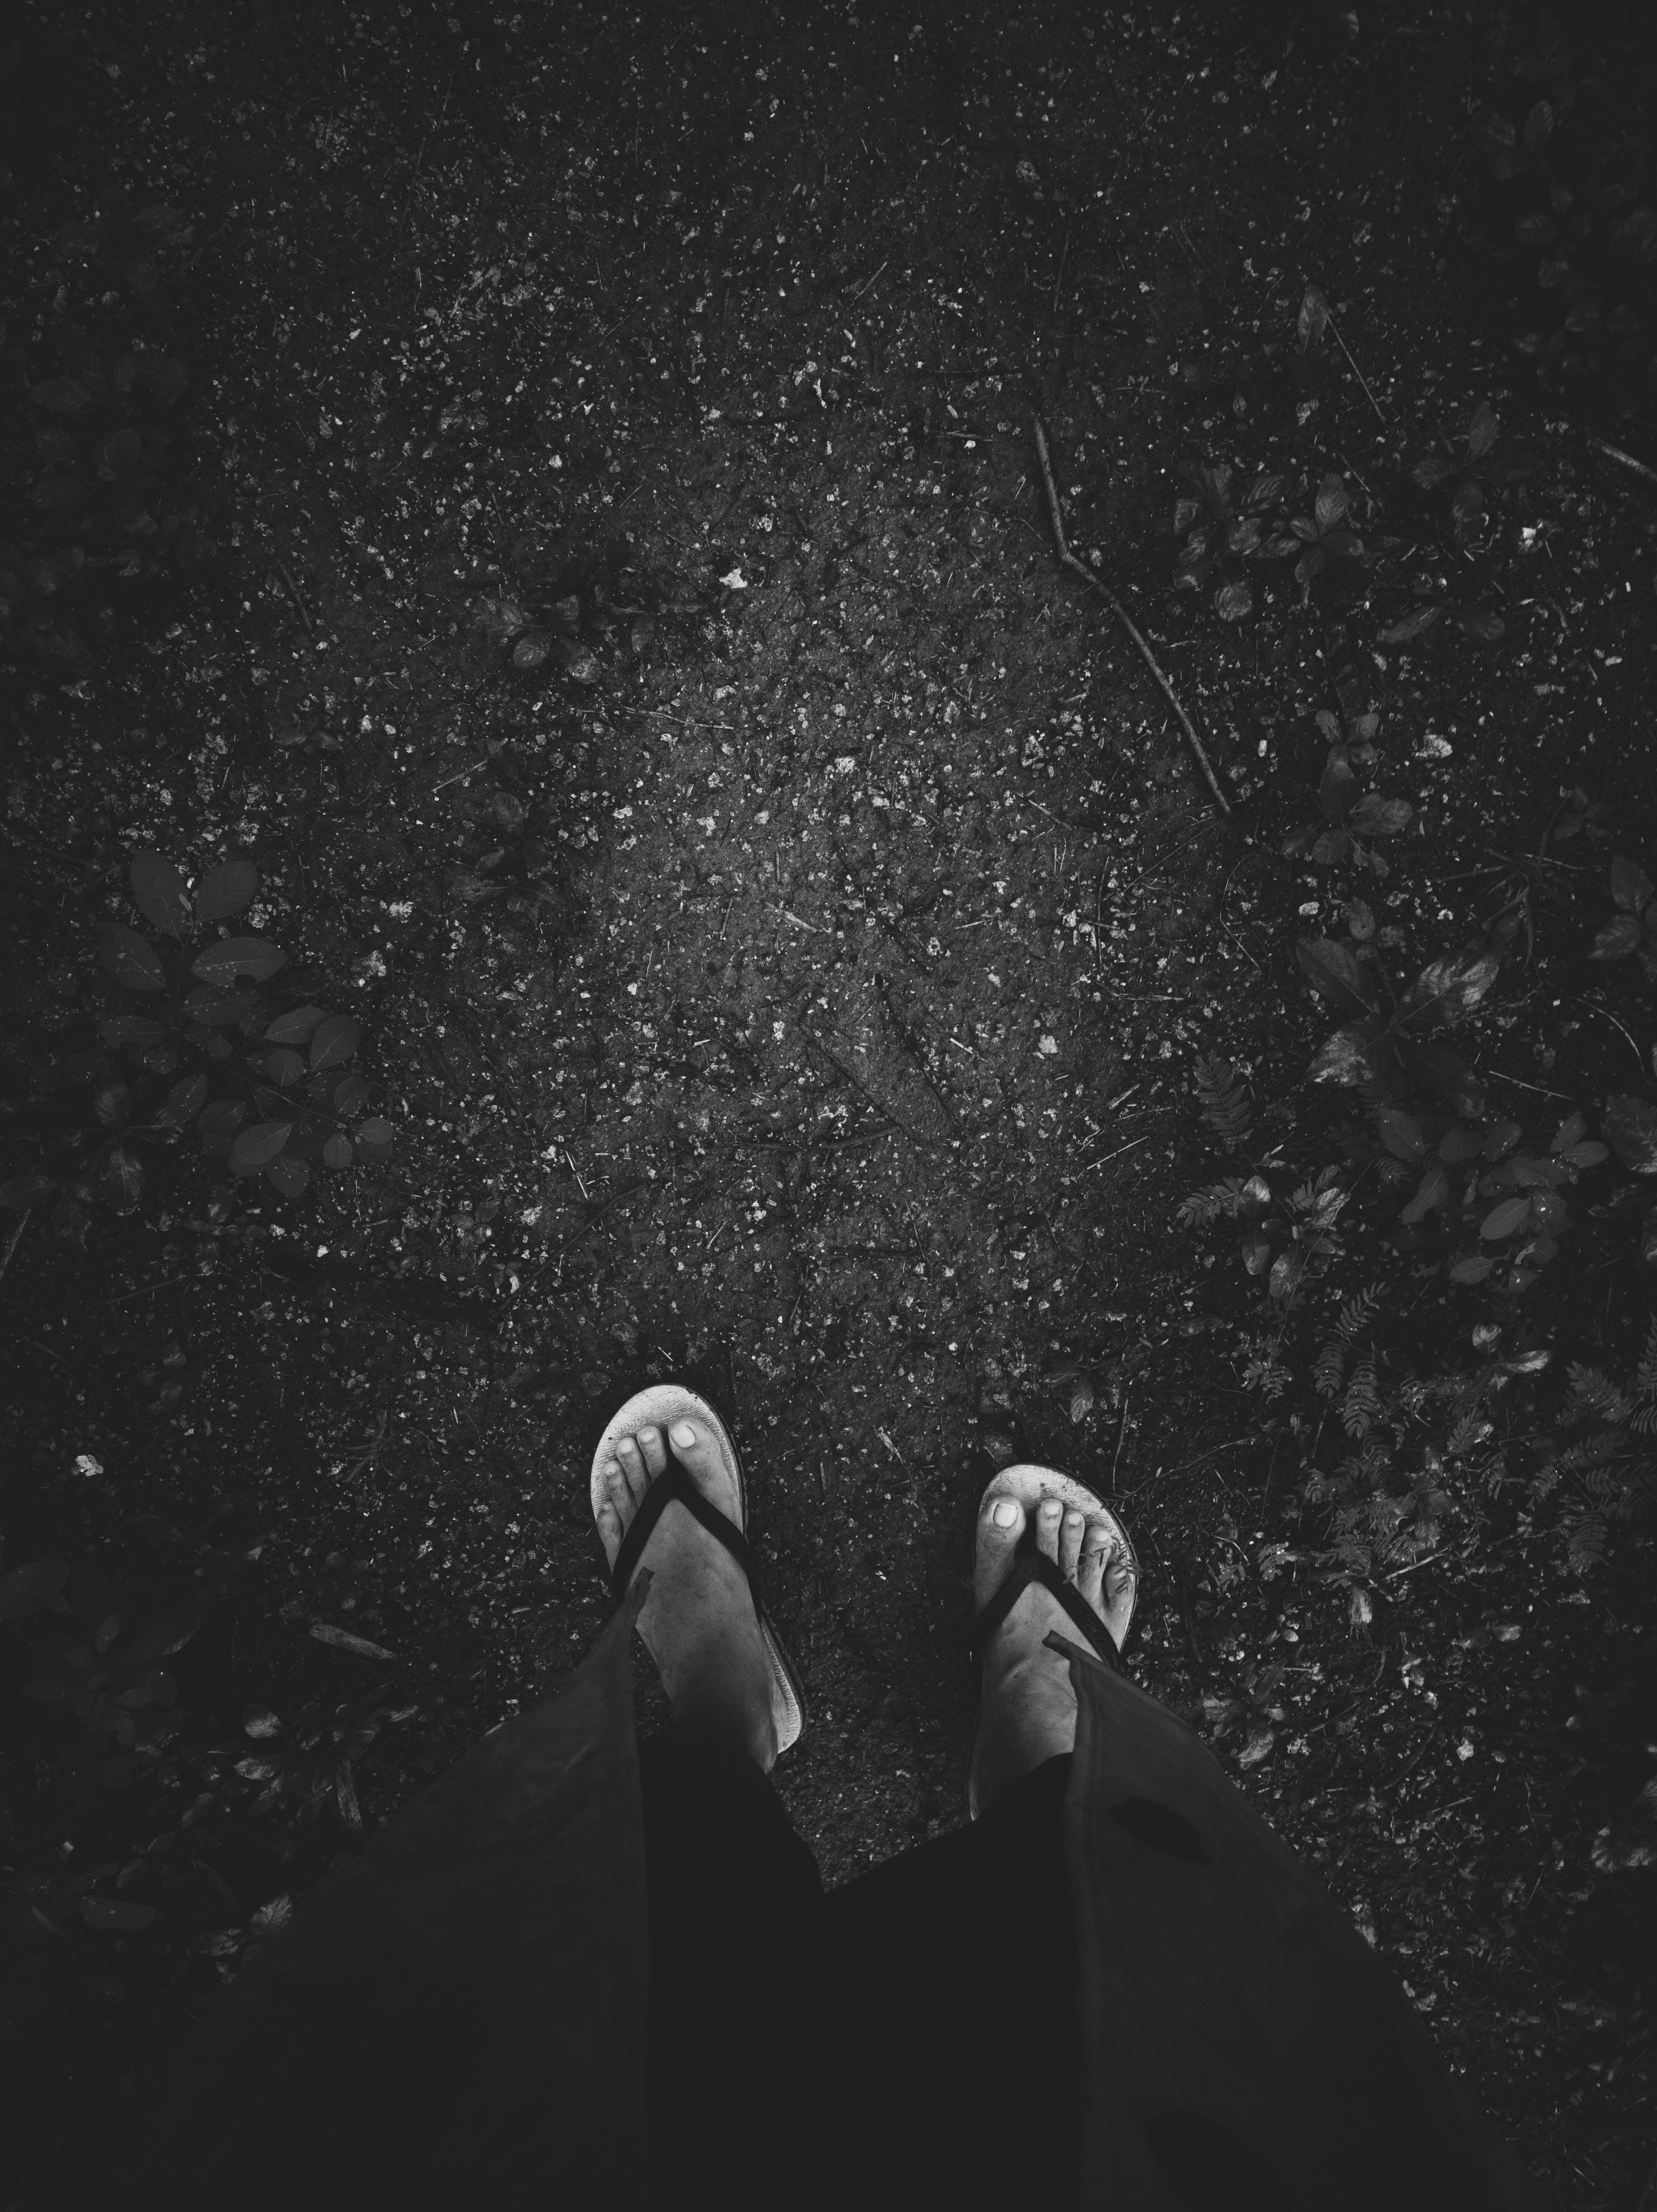 Free stock photo of black and white, dark, feet, monochrome